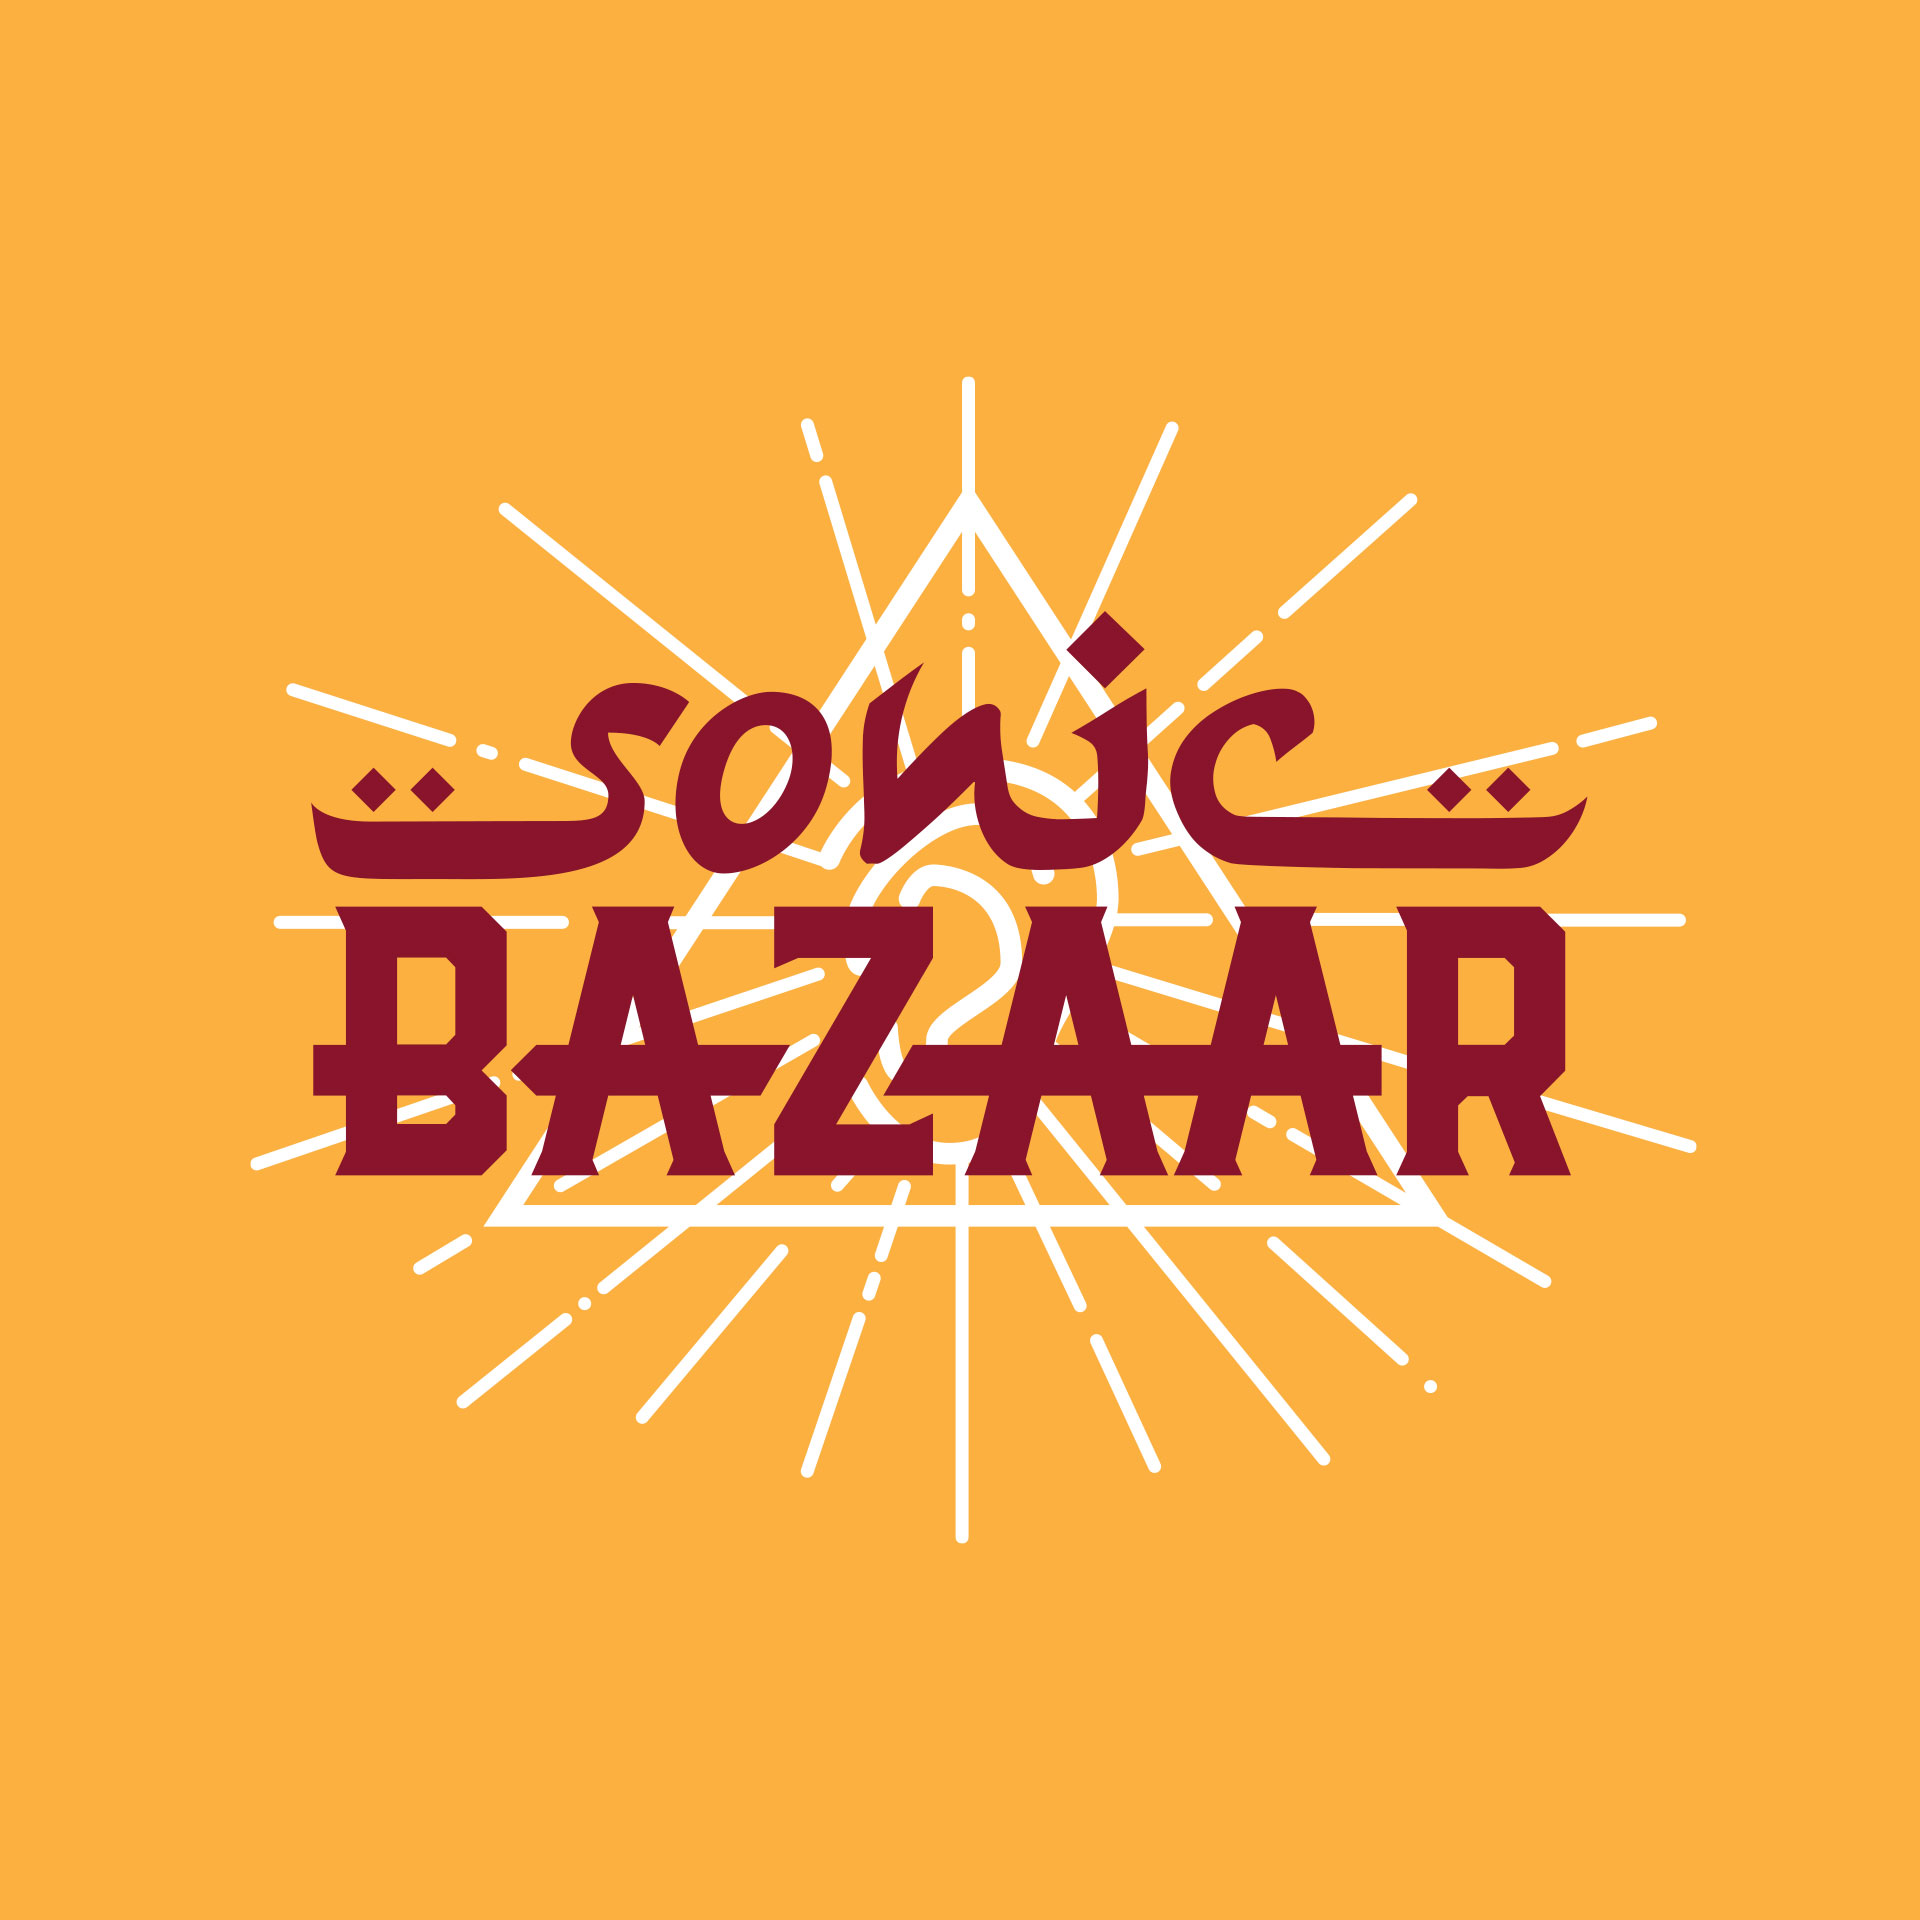 acme-logo-sonic_bazaar.jpg